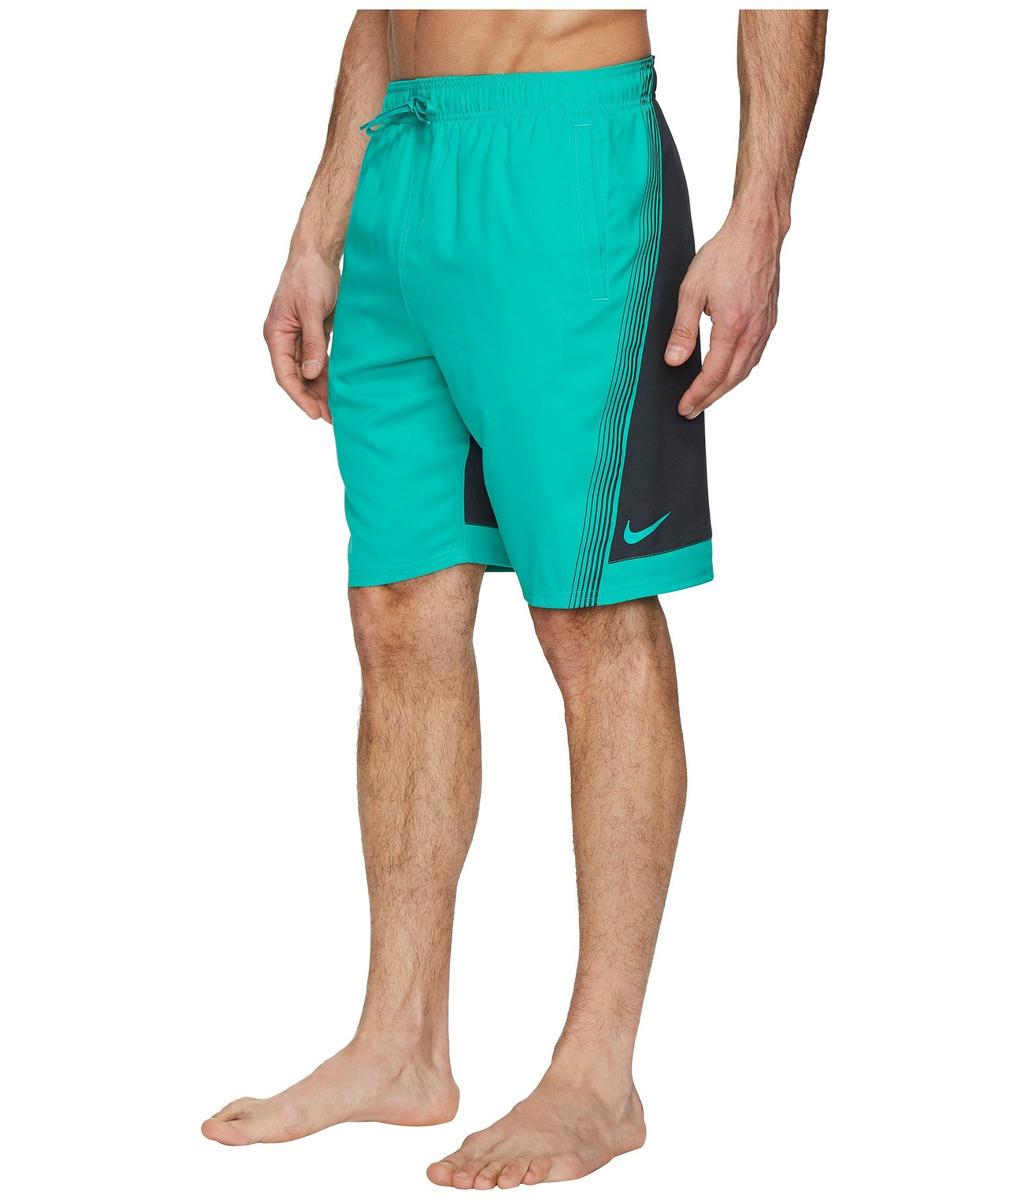 7a76da187 Ropa De Baño Hombre Nike Momentum 9 Volley Shorts - S/ 239,00 en ...